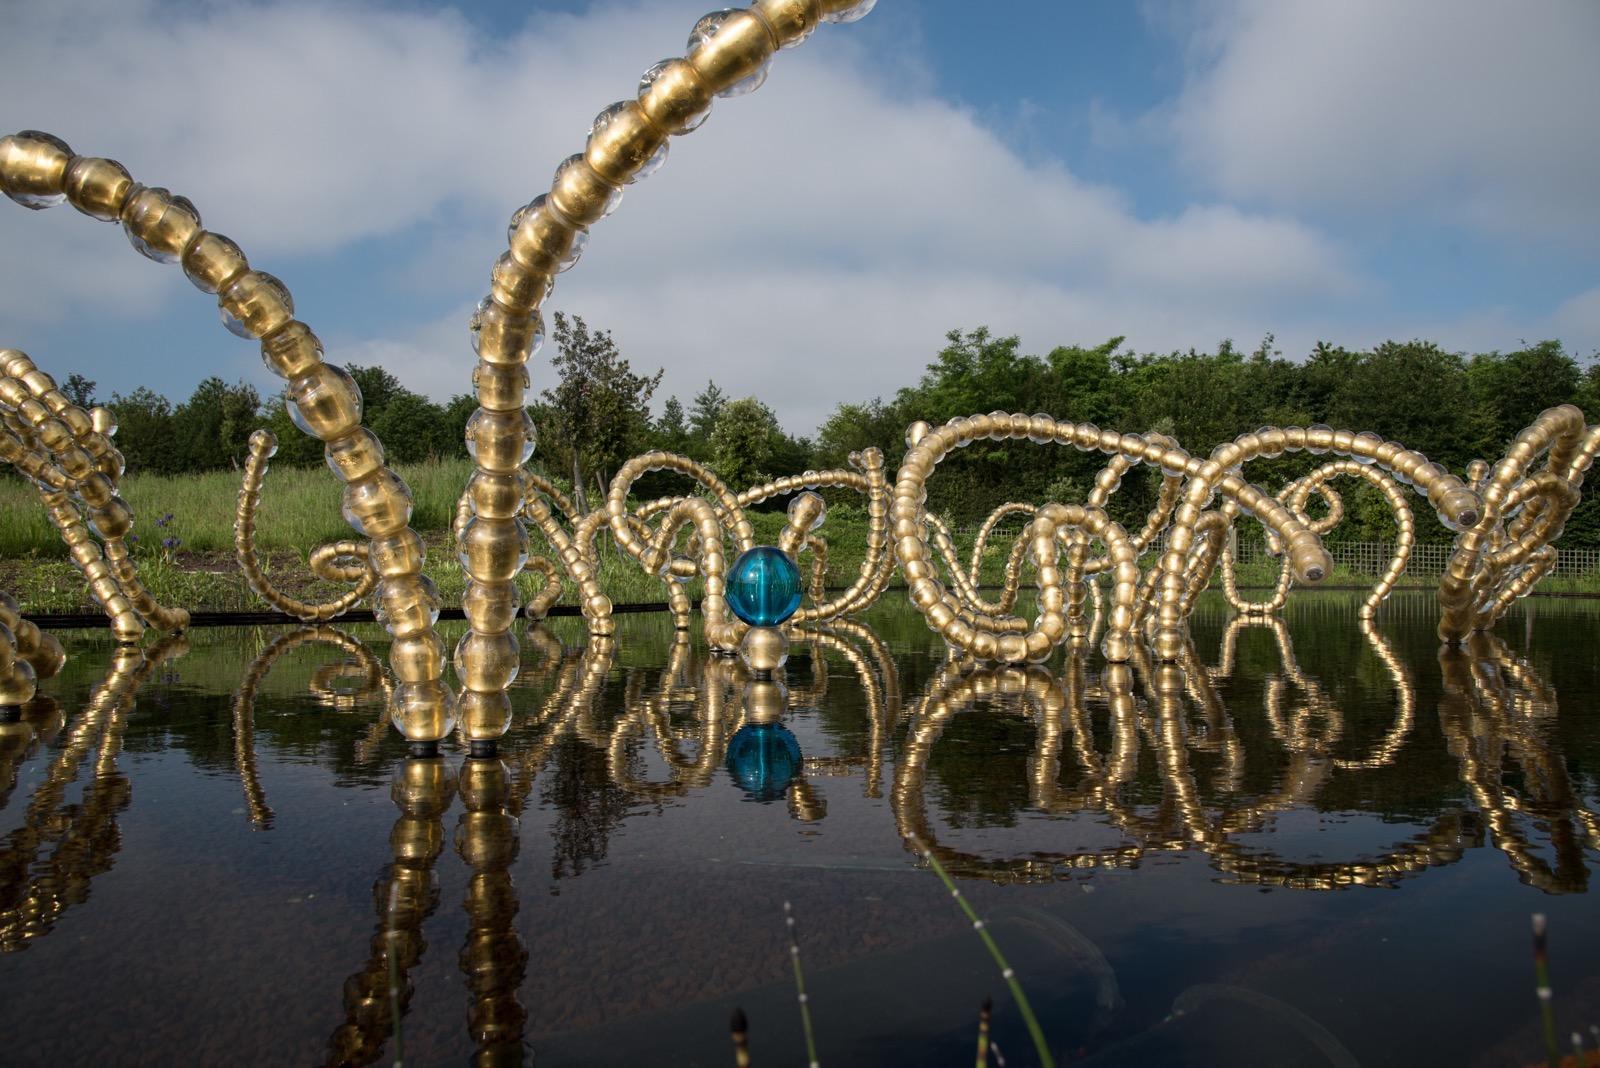 The fountain sculpture Belles Danses Jean Michel Othoniel